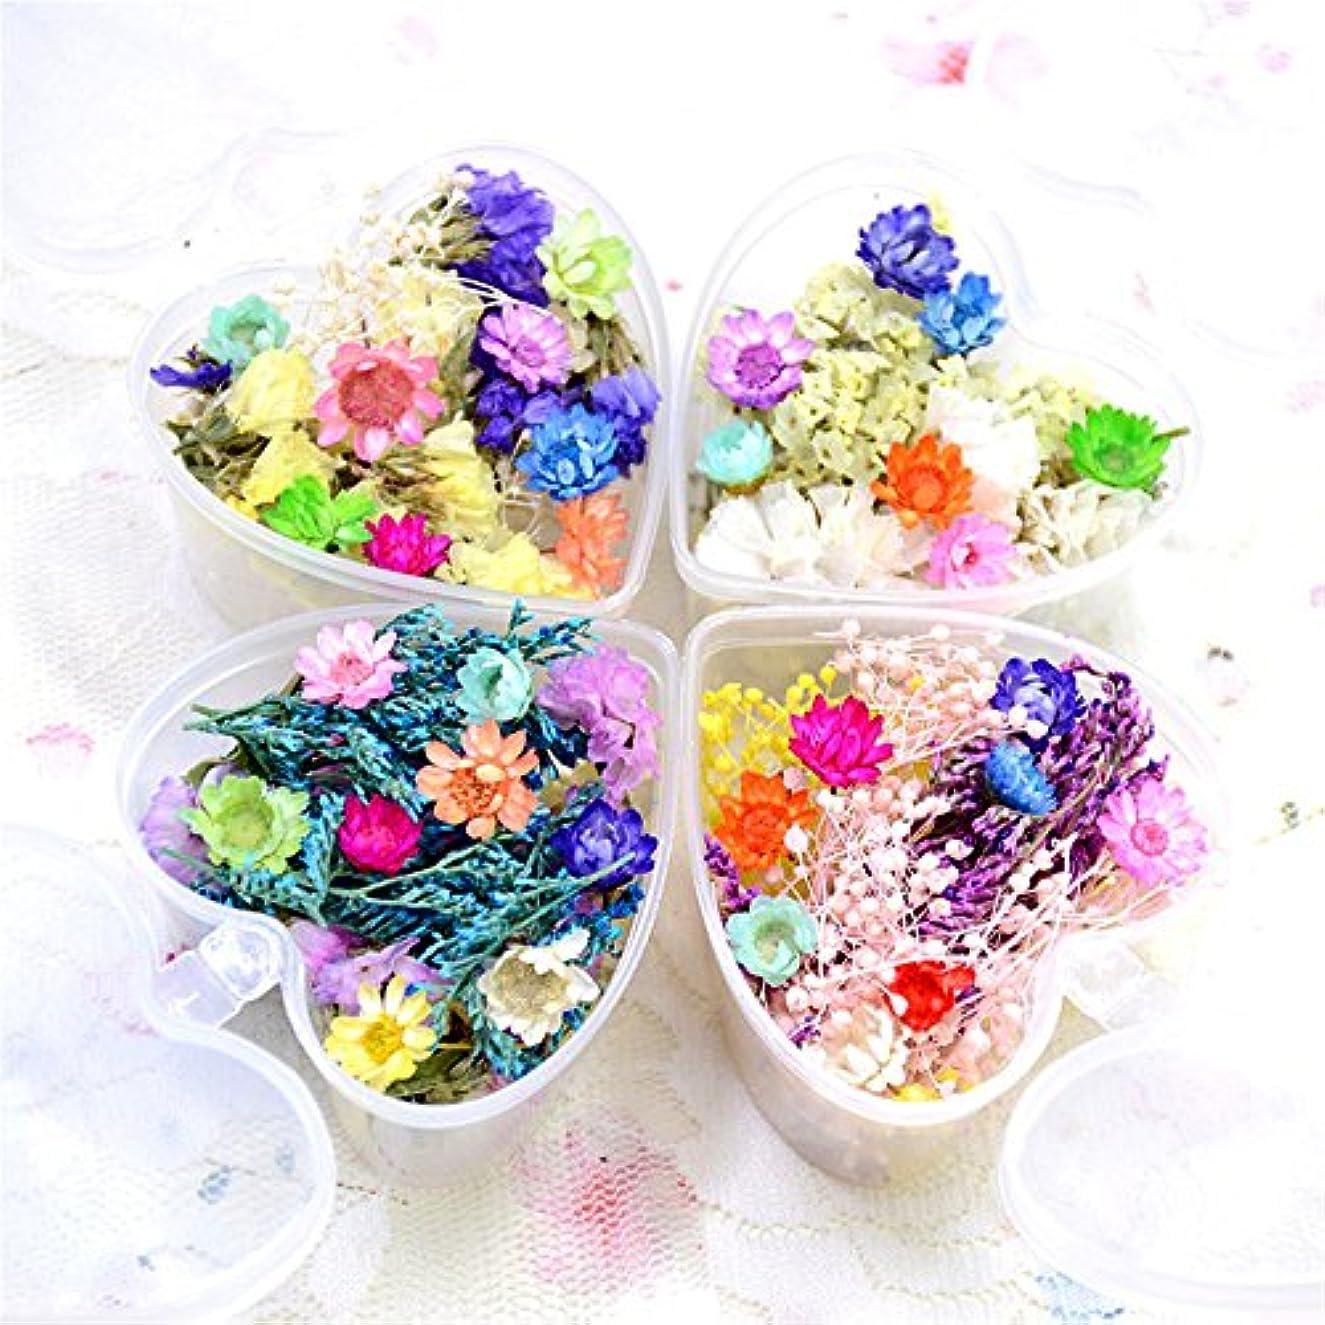 効率的に旋回絶縁する押し花 ドライフラワー 4ボックスセット 3Dネイル レジンデコレーション DIYデコレーション飾り用品 (セット4)